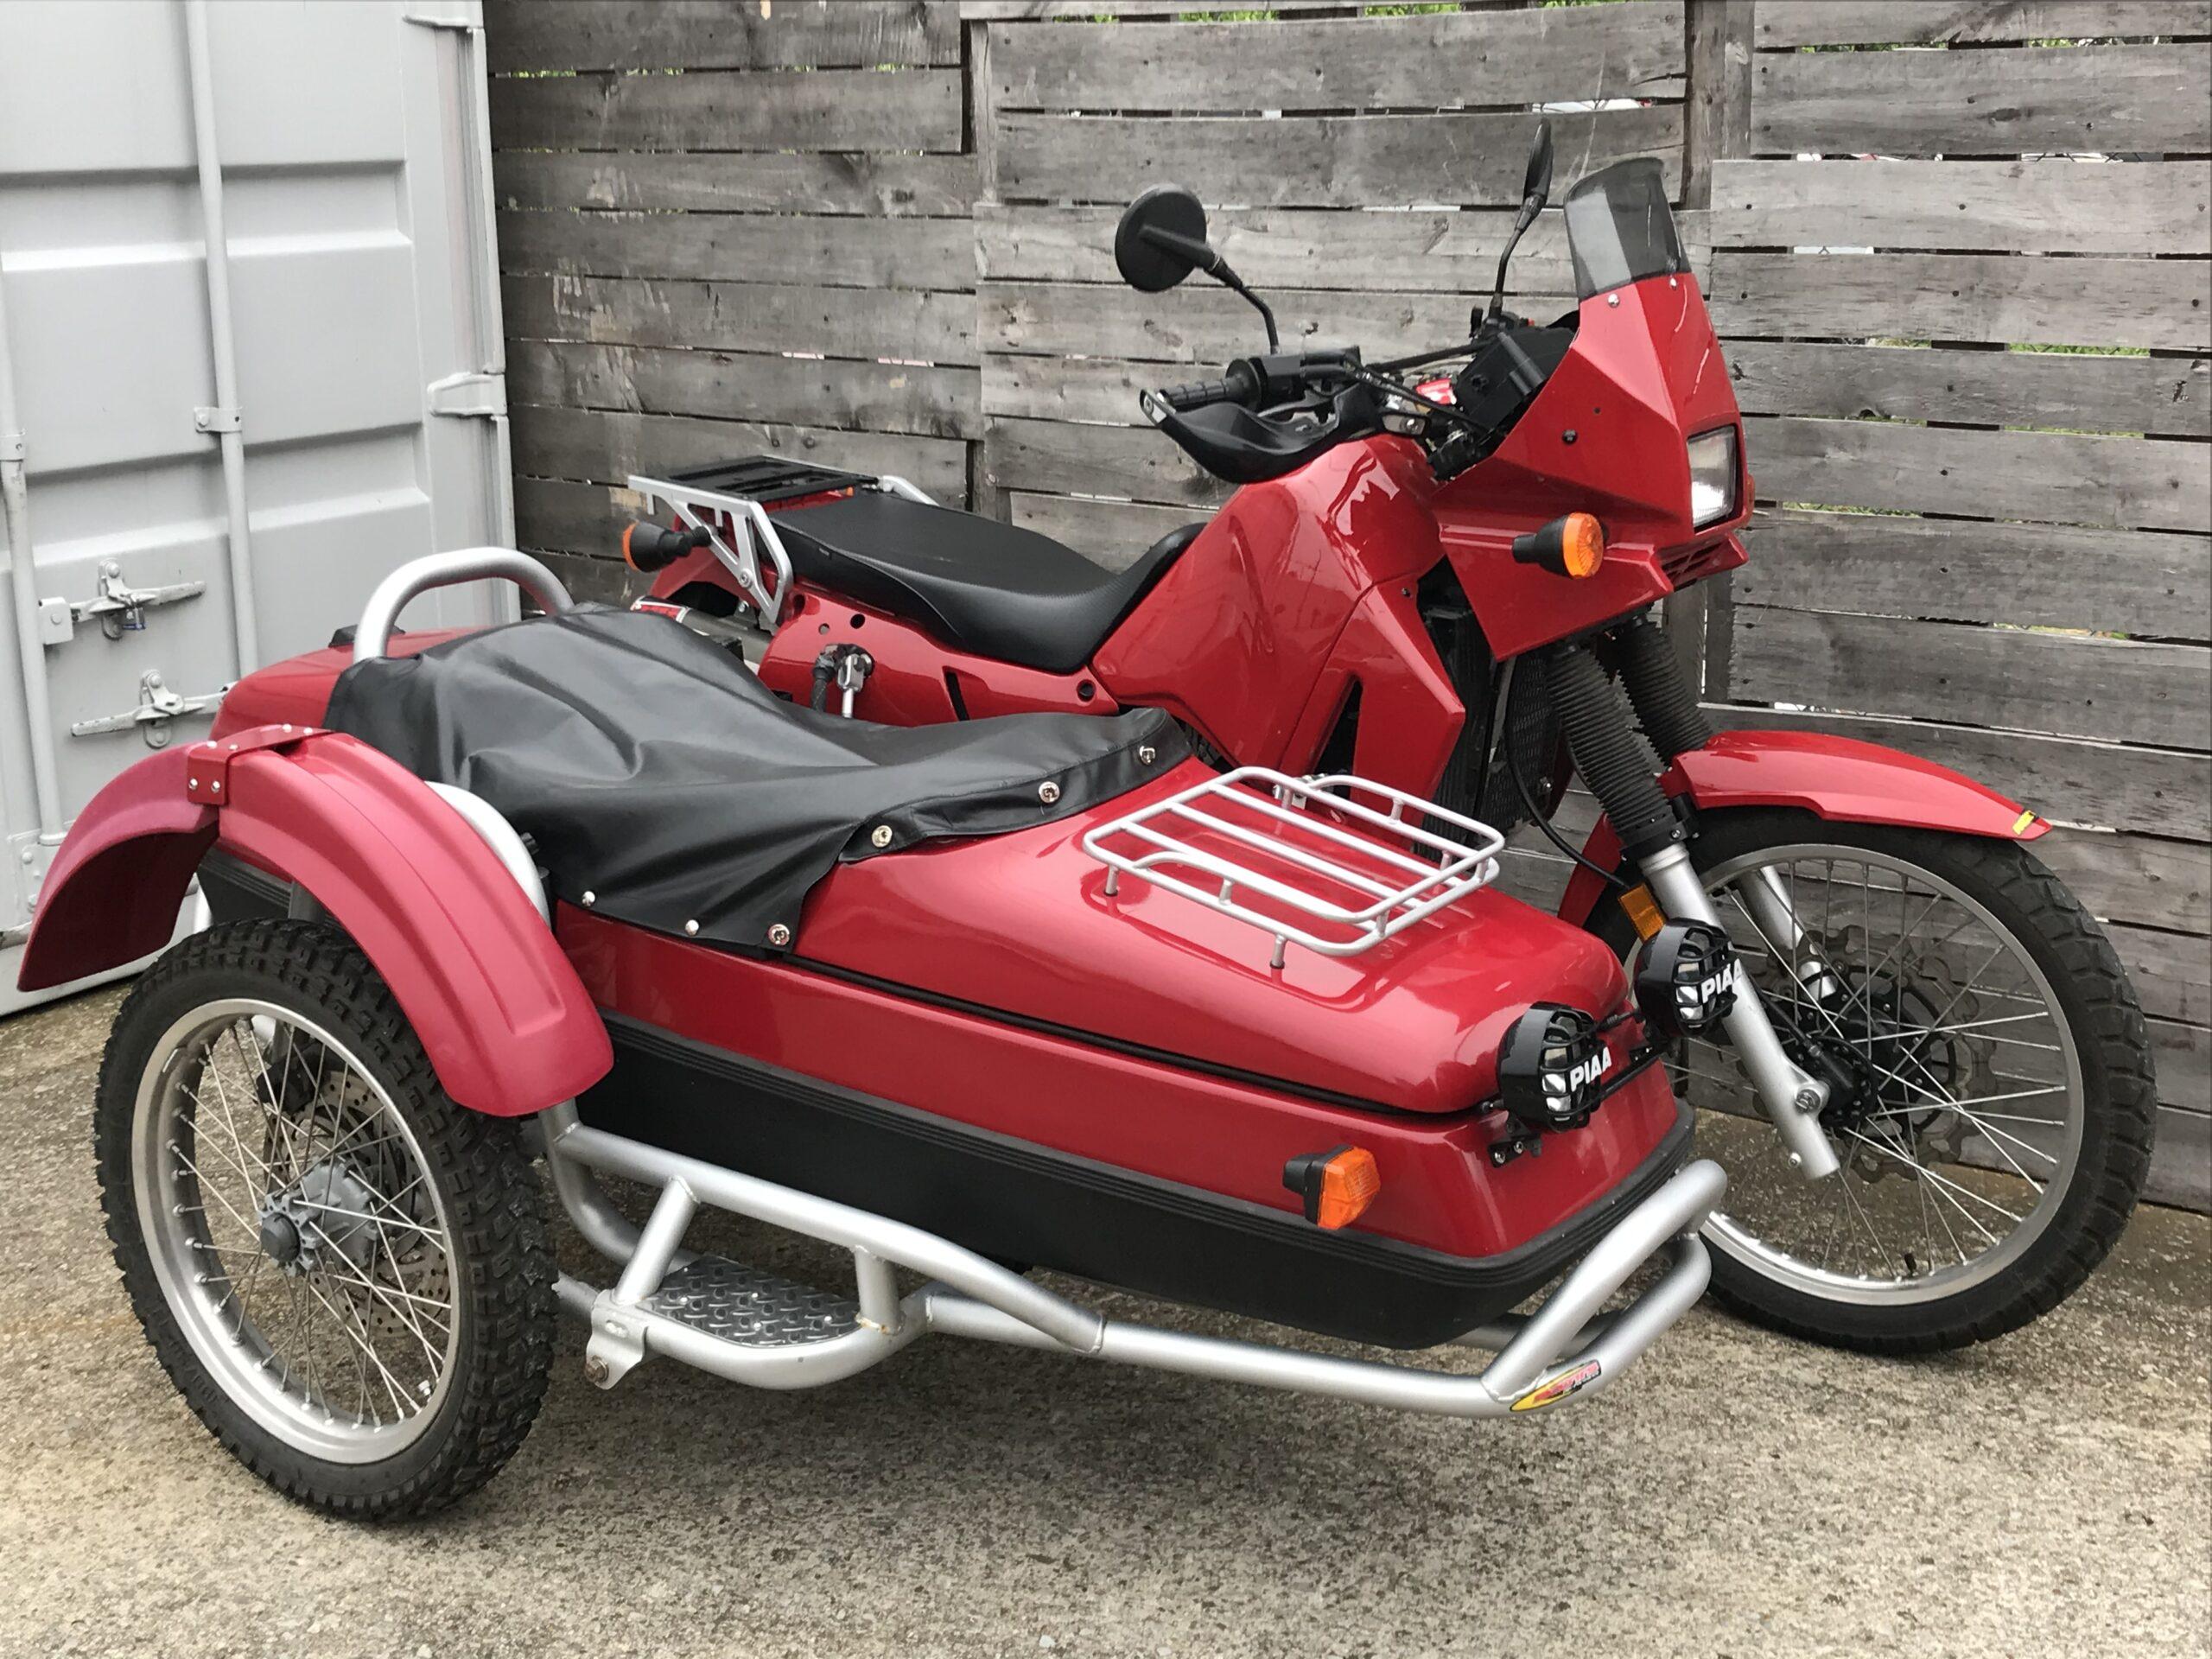 2004 KLR650 with Sputnik sidecar